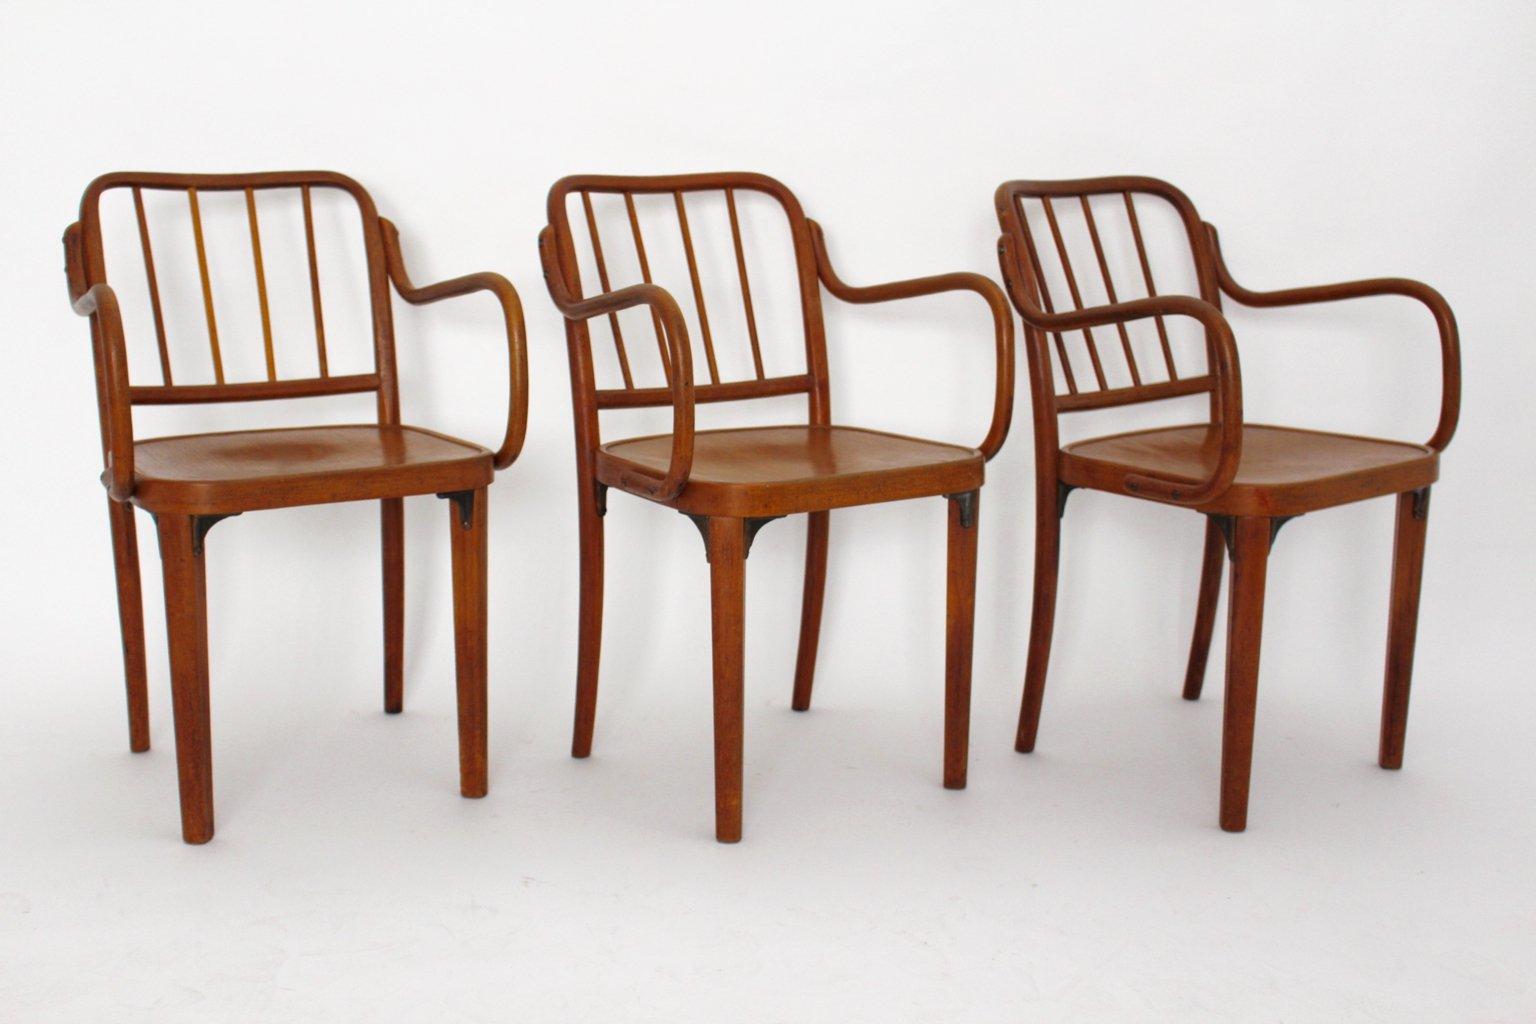 Sedia in legno curvato di thonet austria anni 39 30 in vendita su pamono - Sedia thonet originale ...